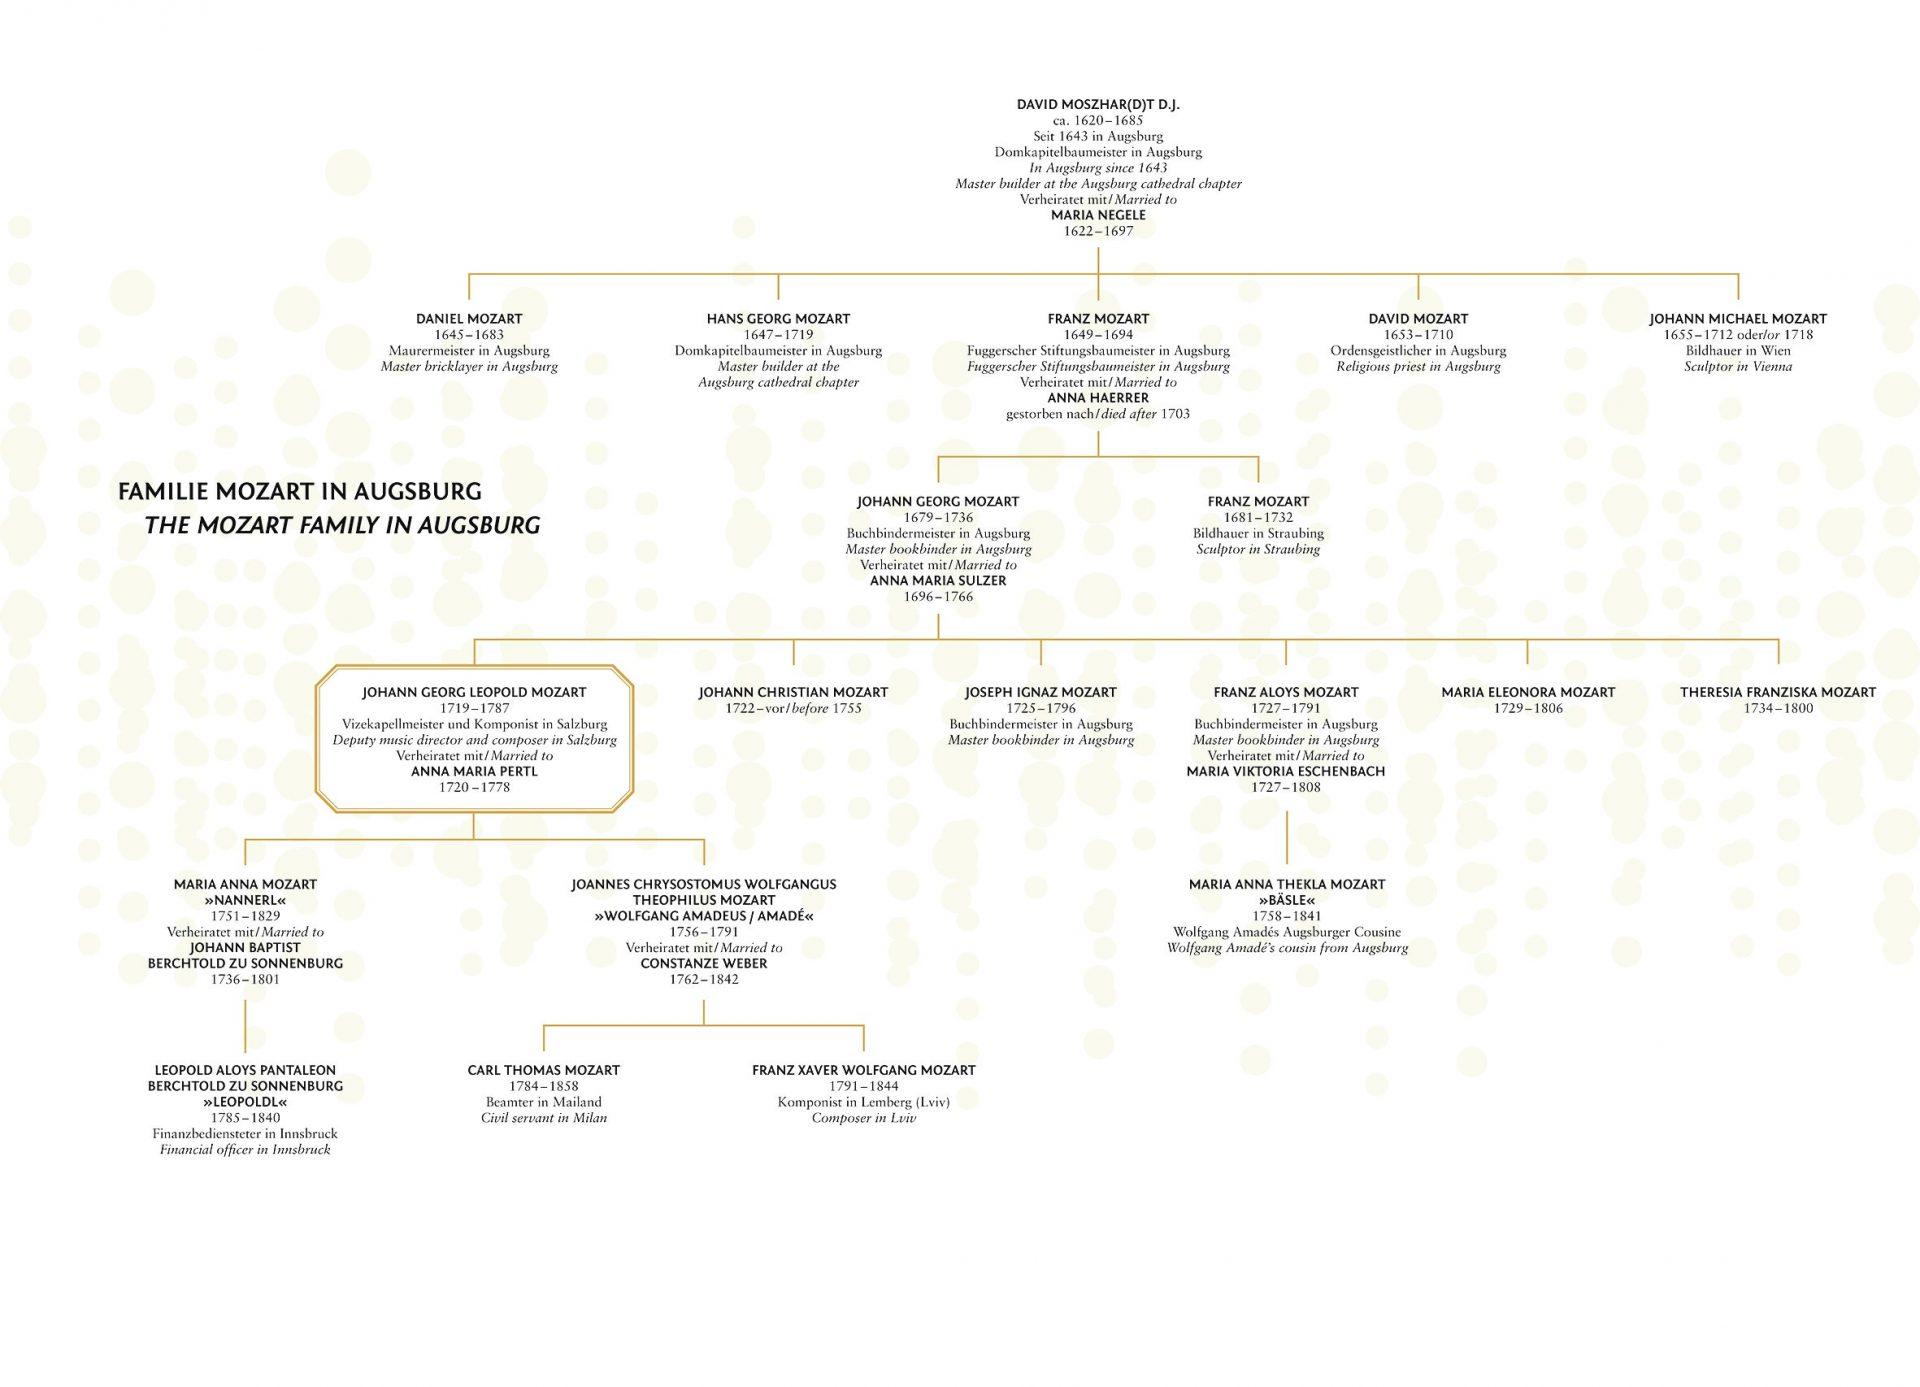 Stammbaum der Augsburger Mozarts